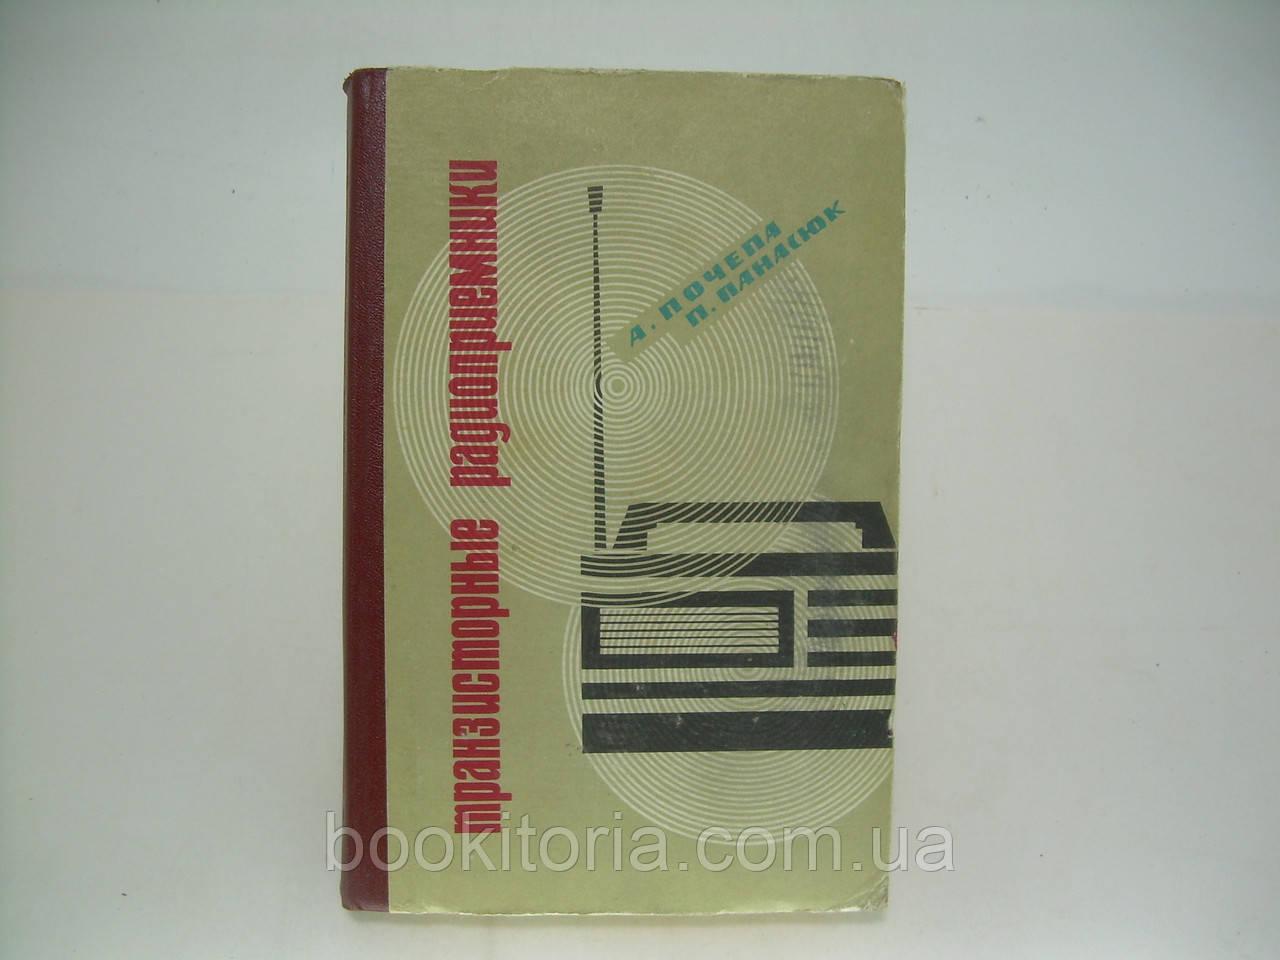 Почепа А., Панасюк П. Транзисторные радиоприемники (б/у).